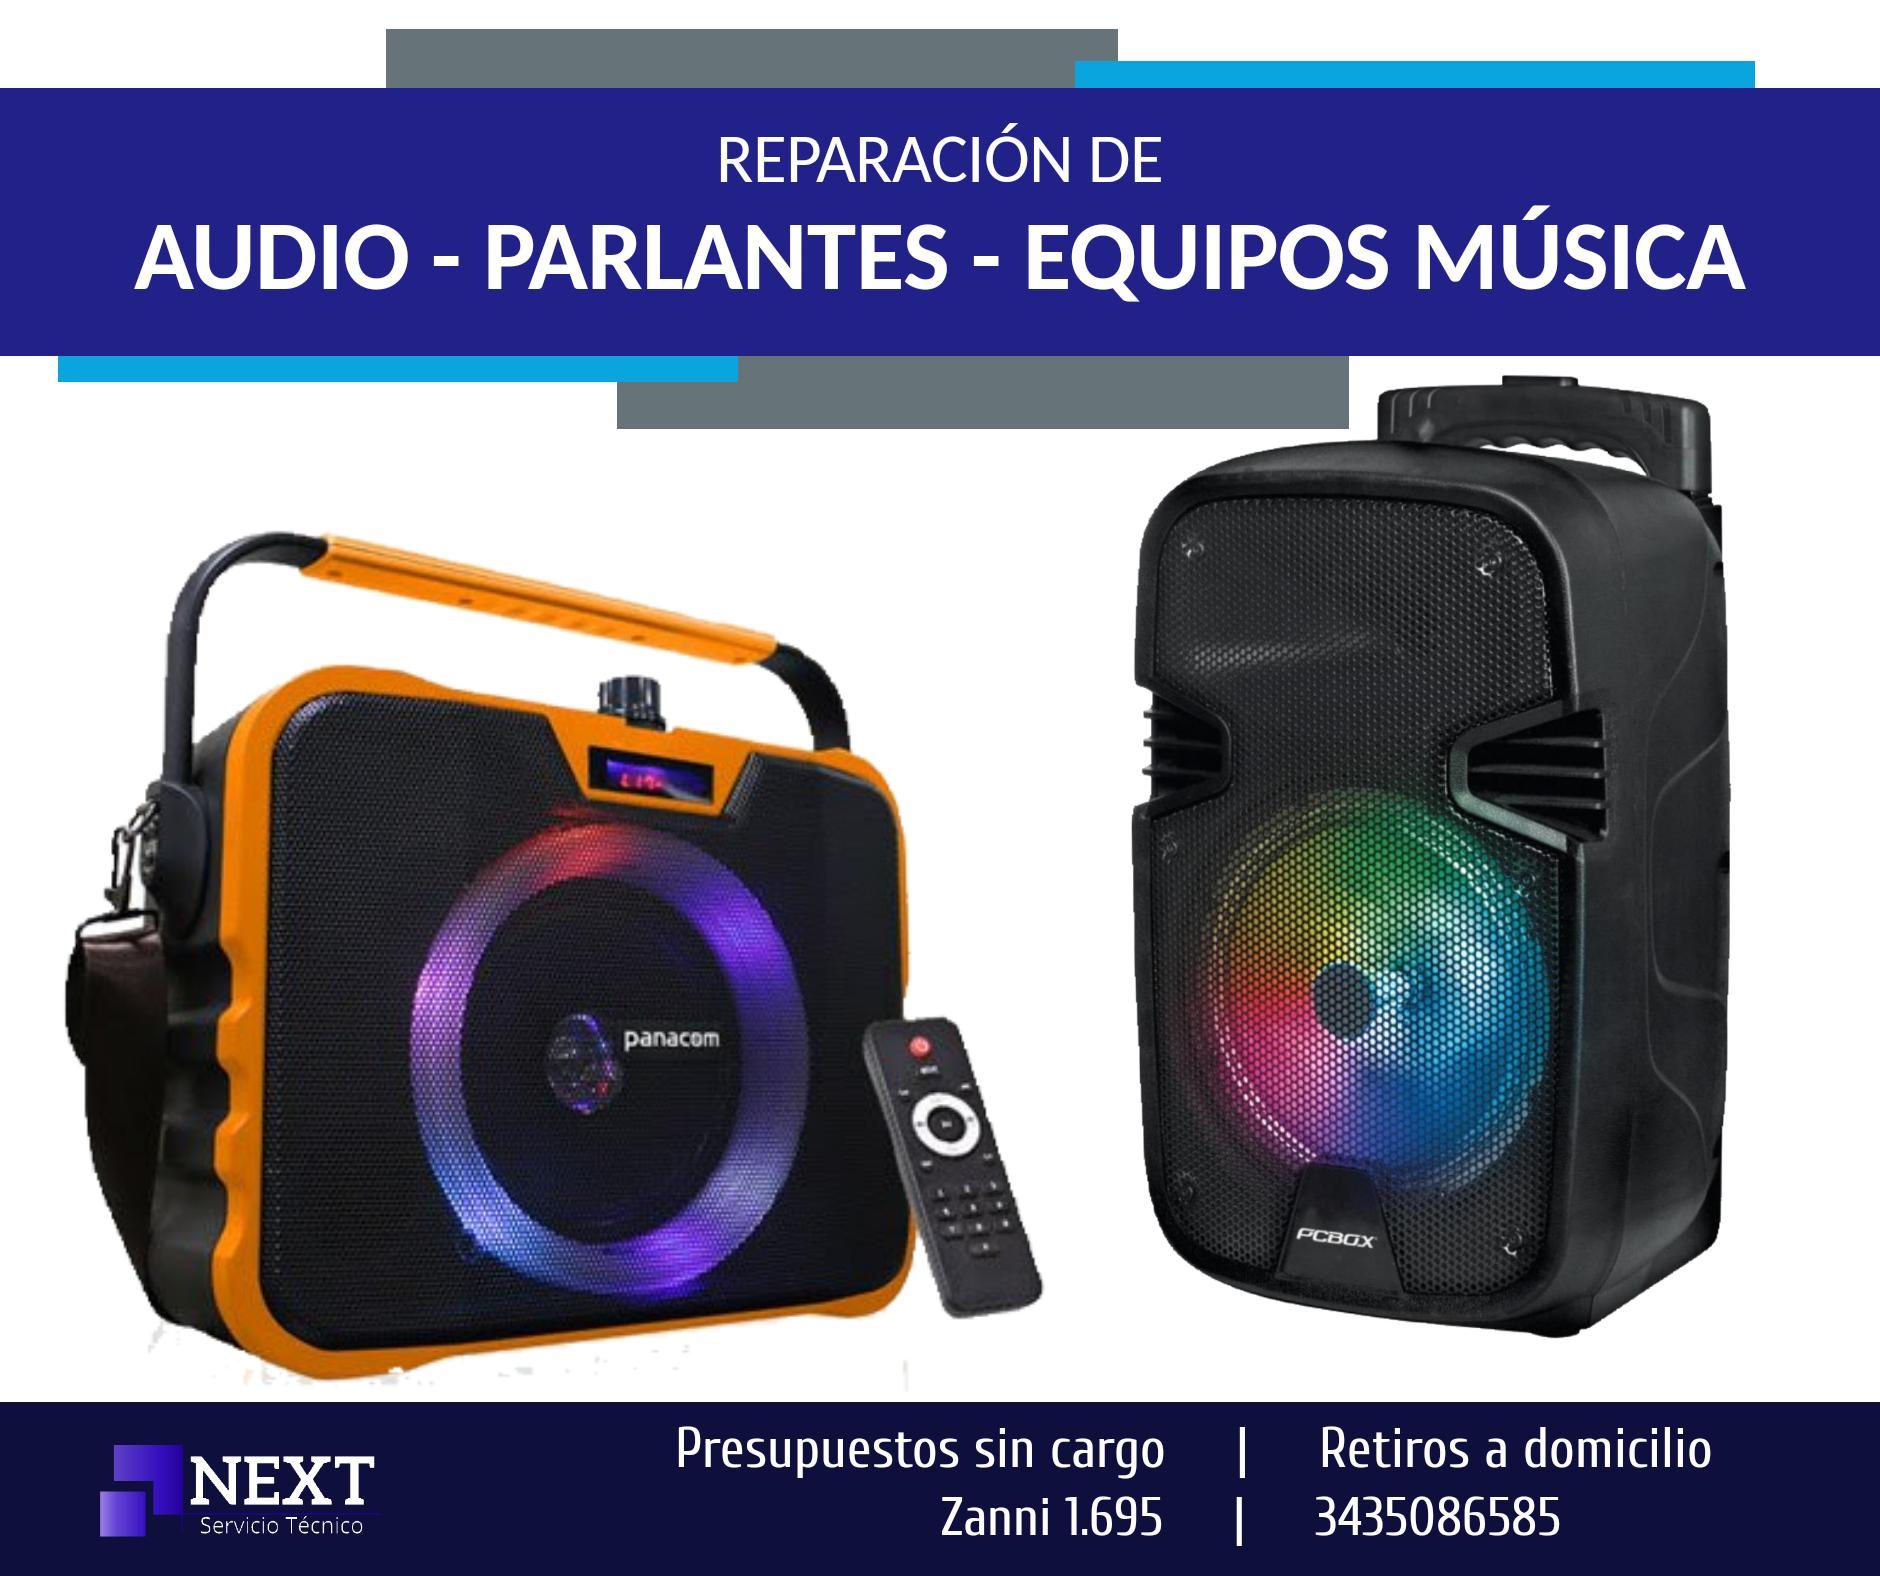 Reparación de AUDIO, PARLANTES - Presupuestos sin cargo